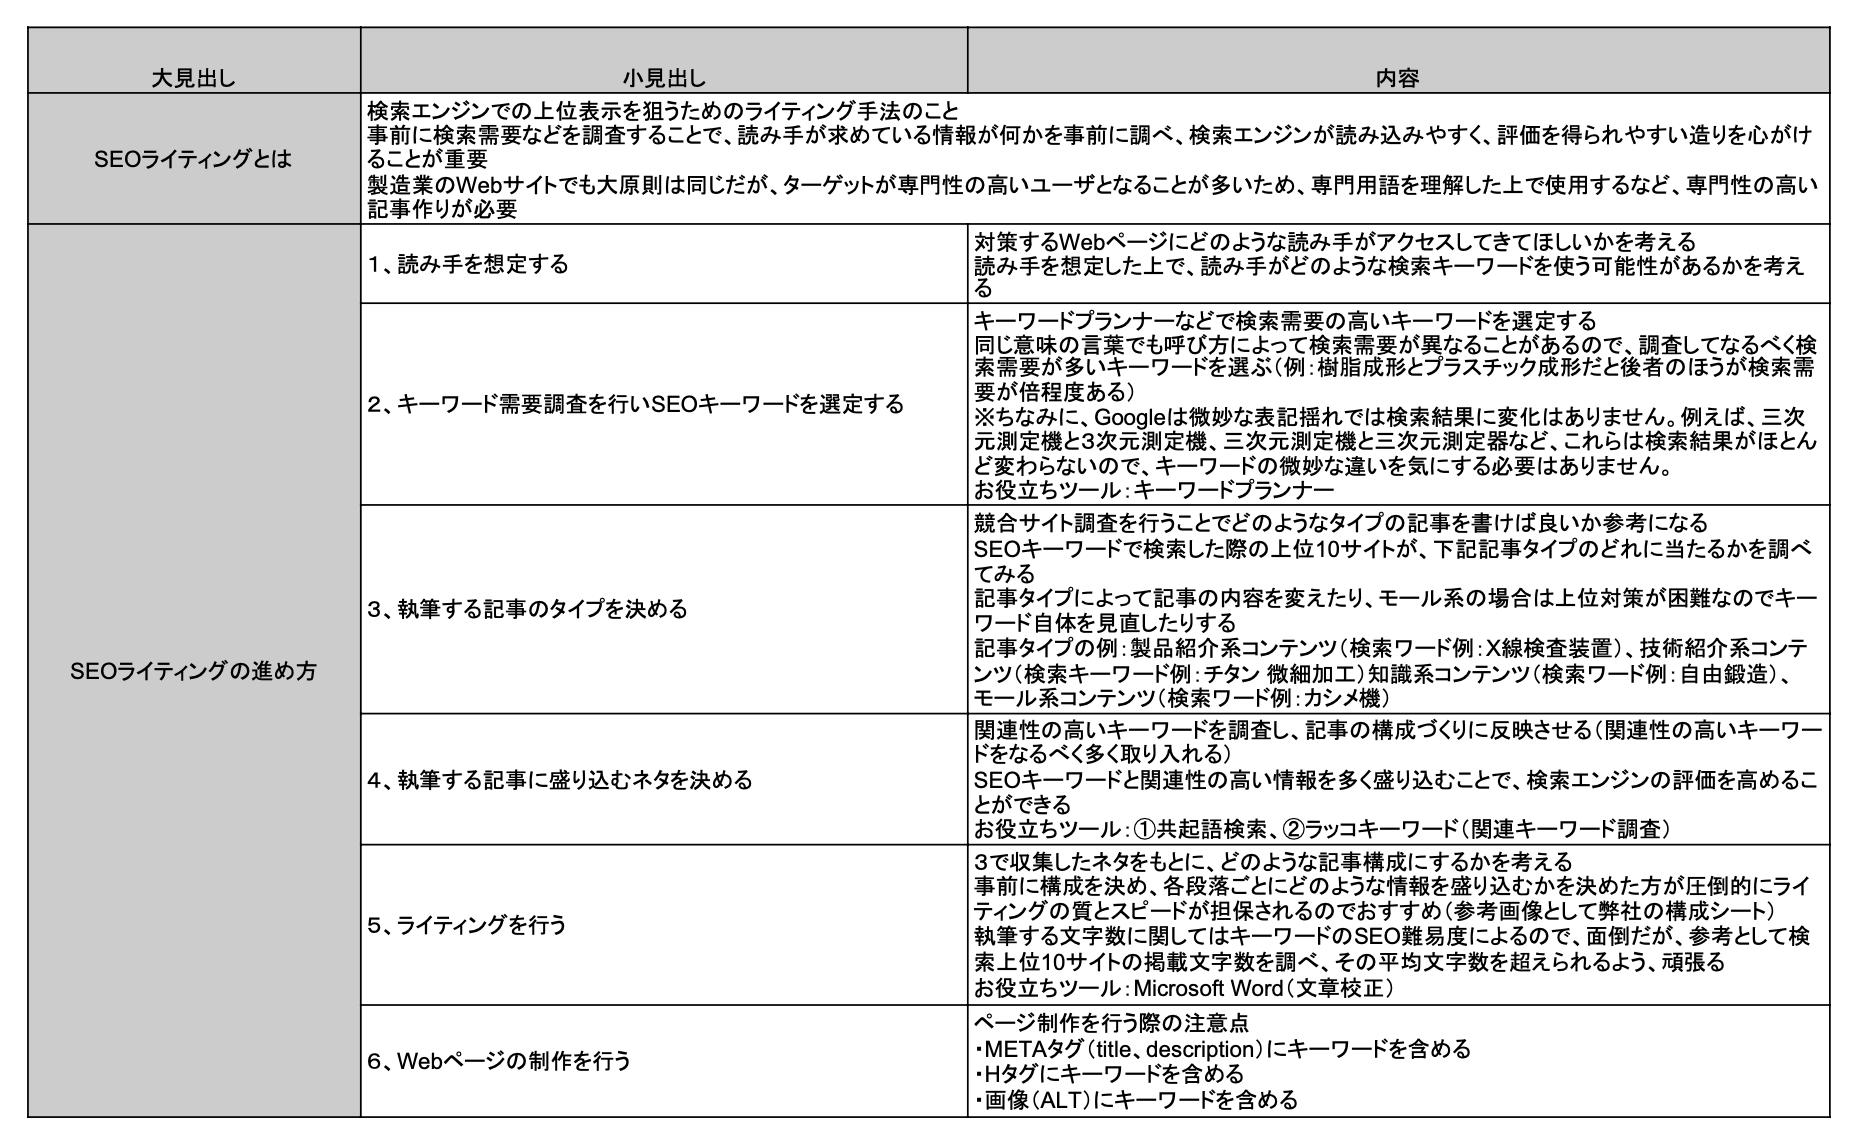 ライティング構成シート